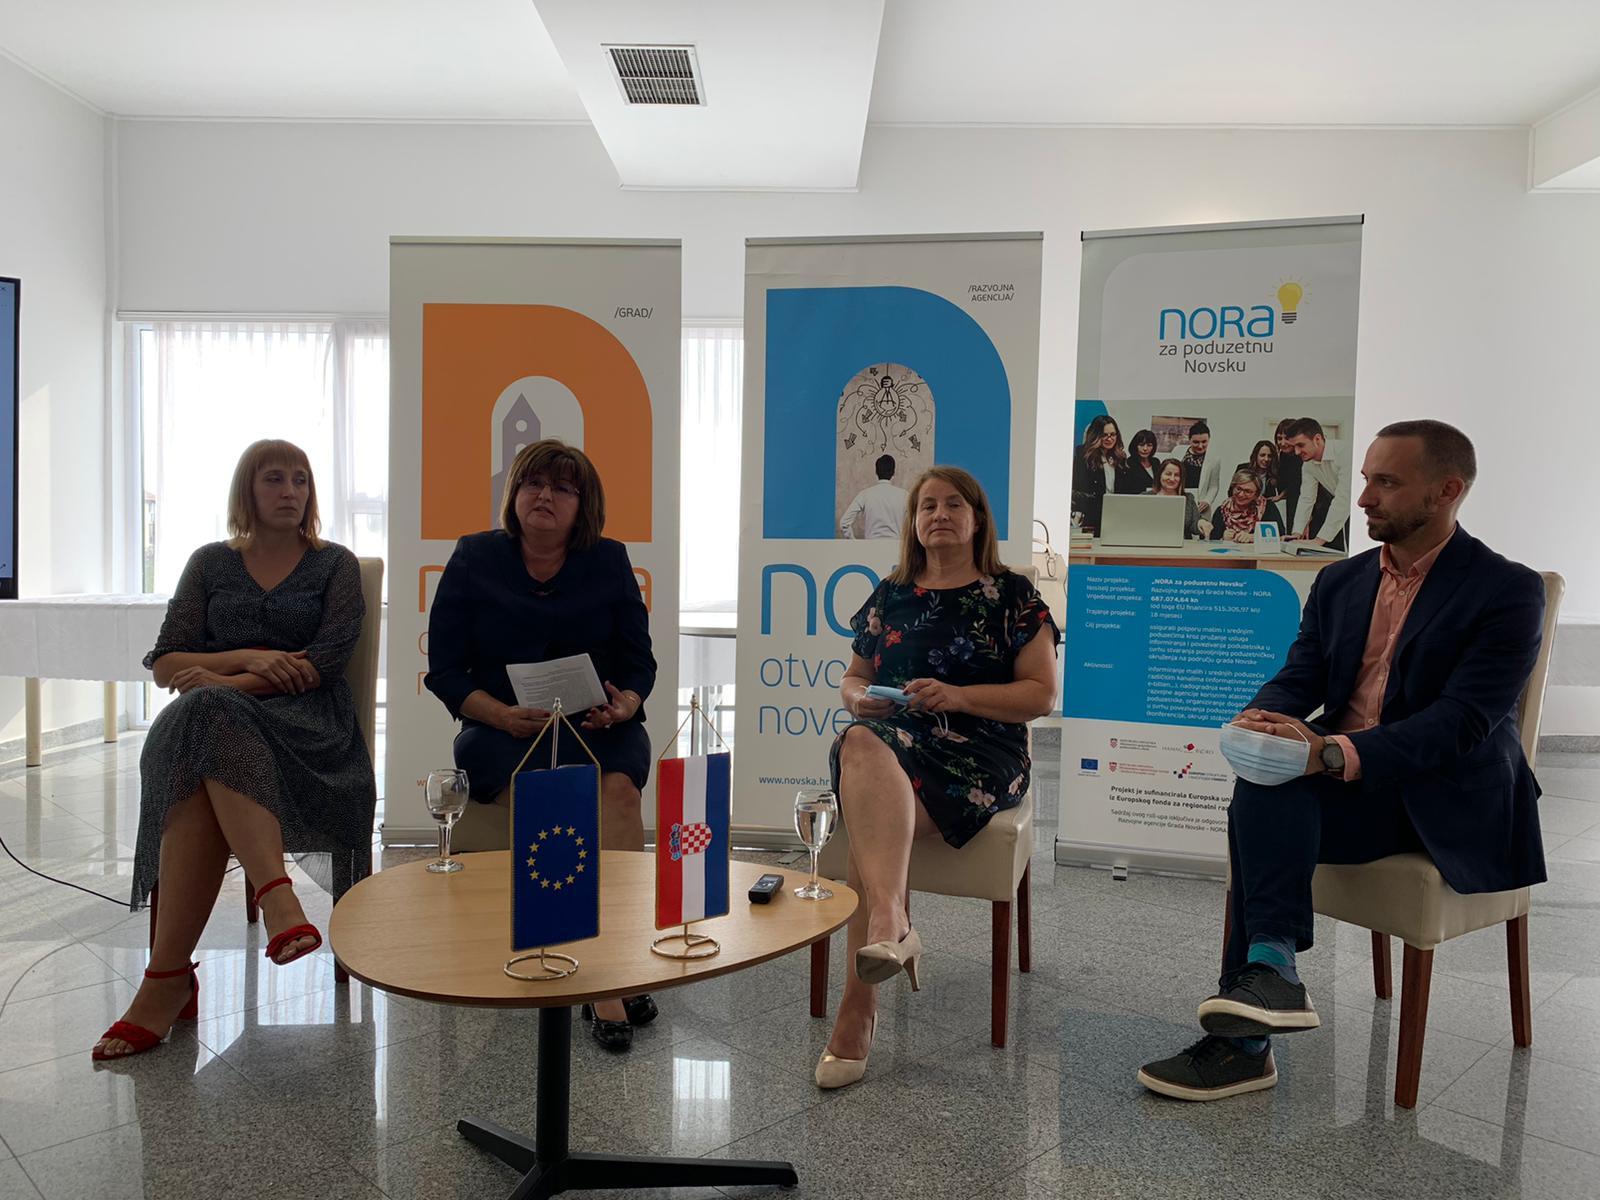 NORA ZA PODUZETNU NOVSKU – Održan Radni sastanak gradonačelnika s ženama u poduzetništvu